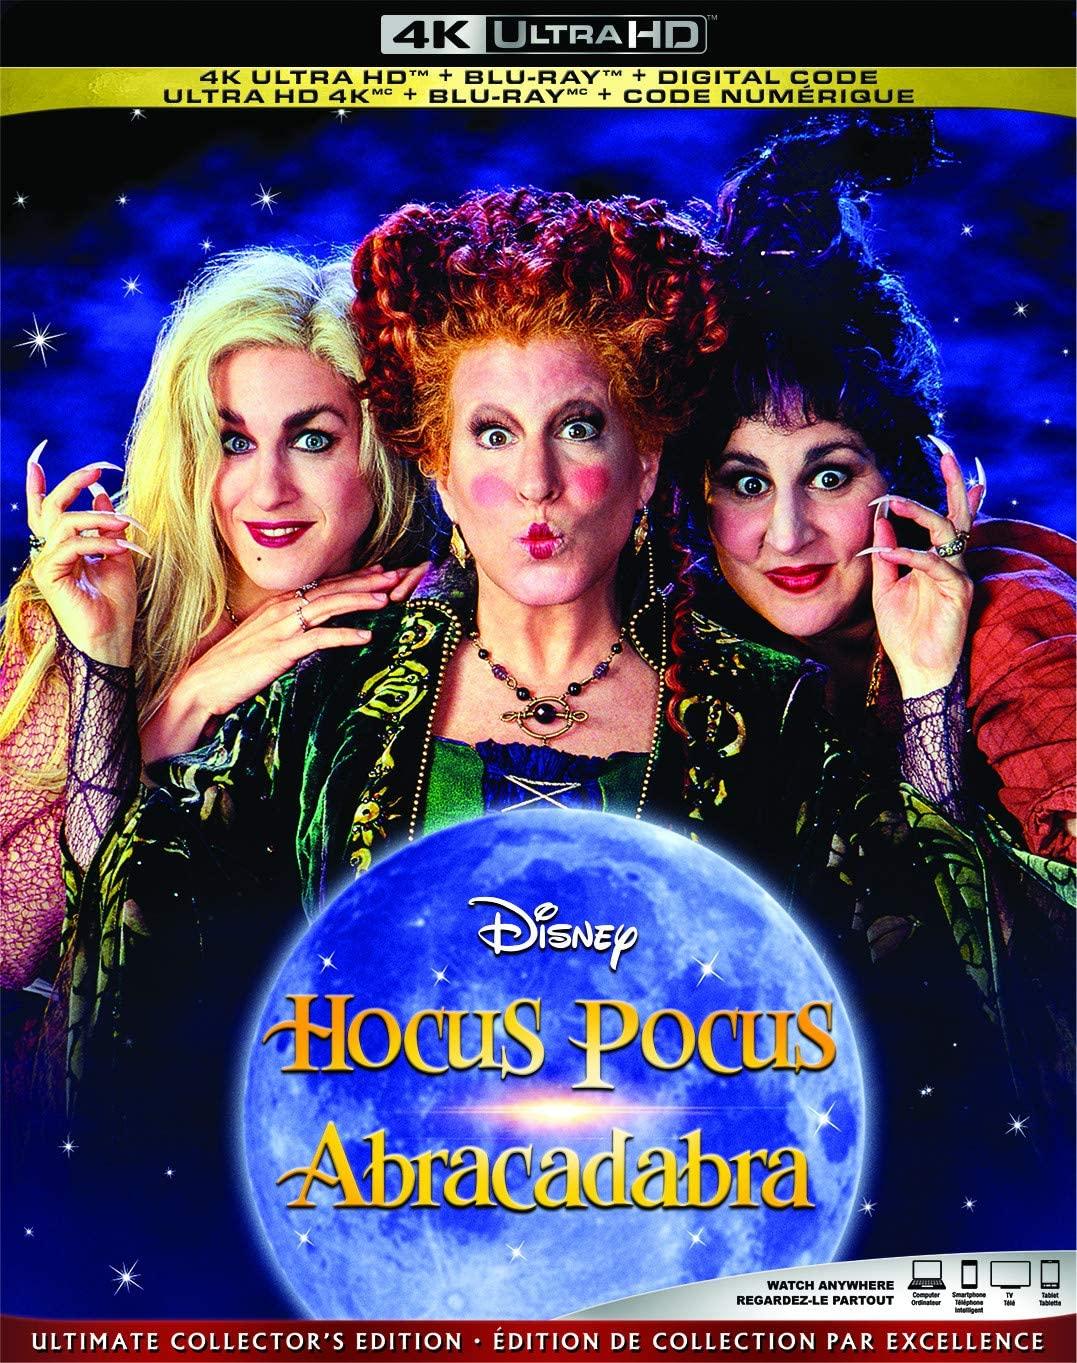 hocus pocus 4k